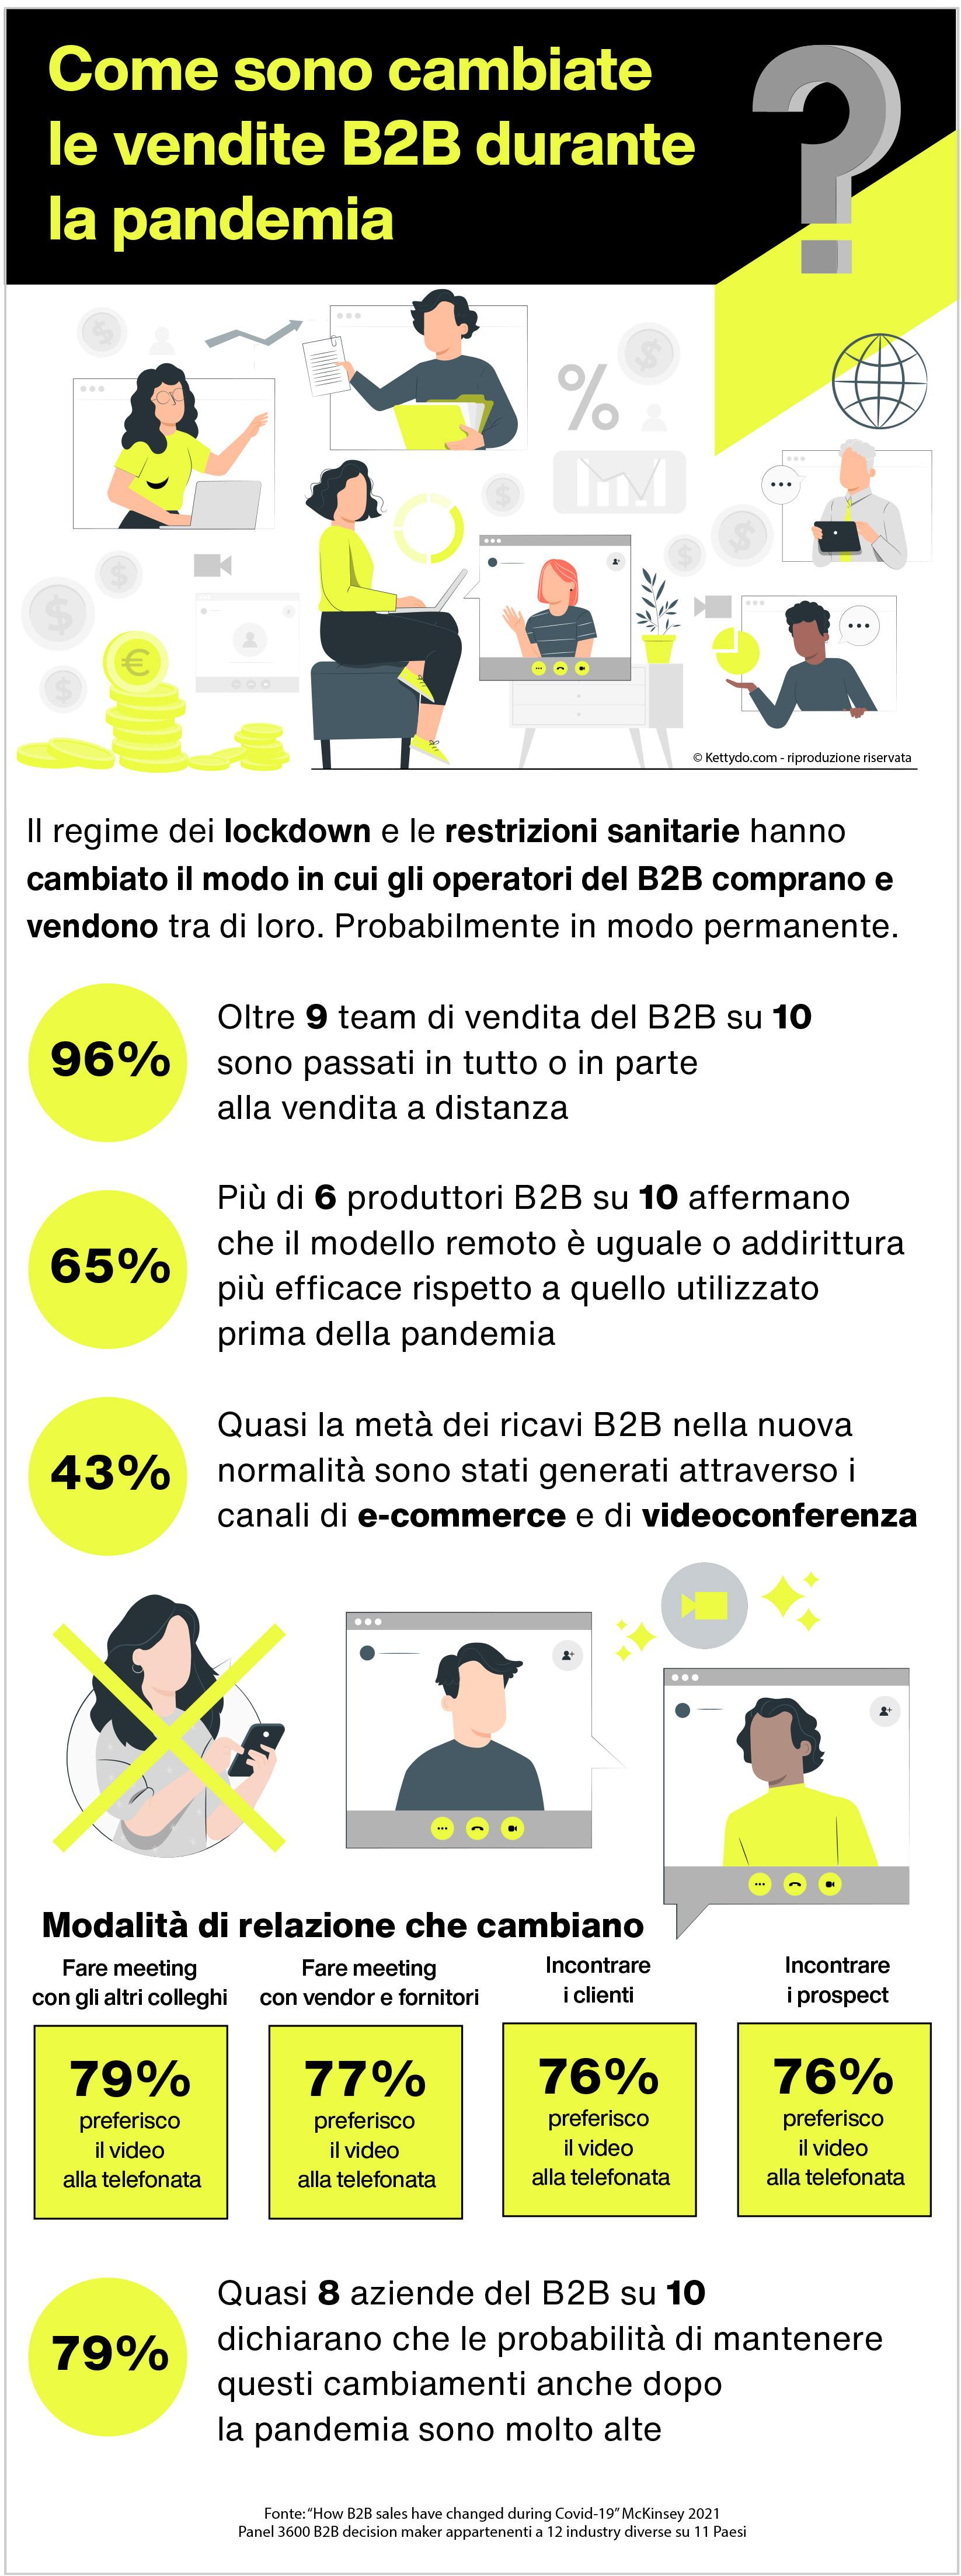 Unified commerce B2B